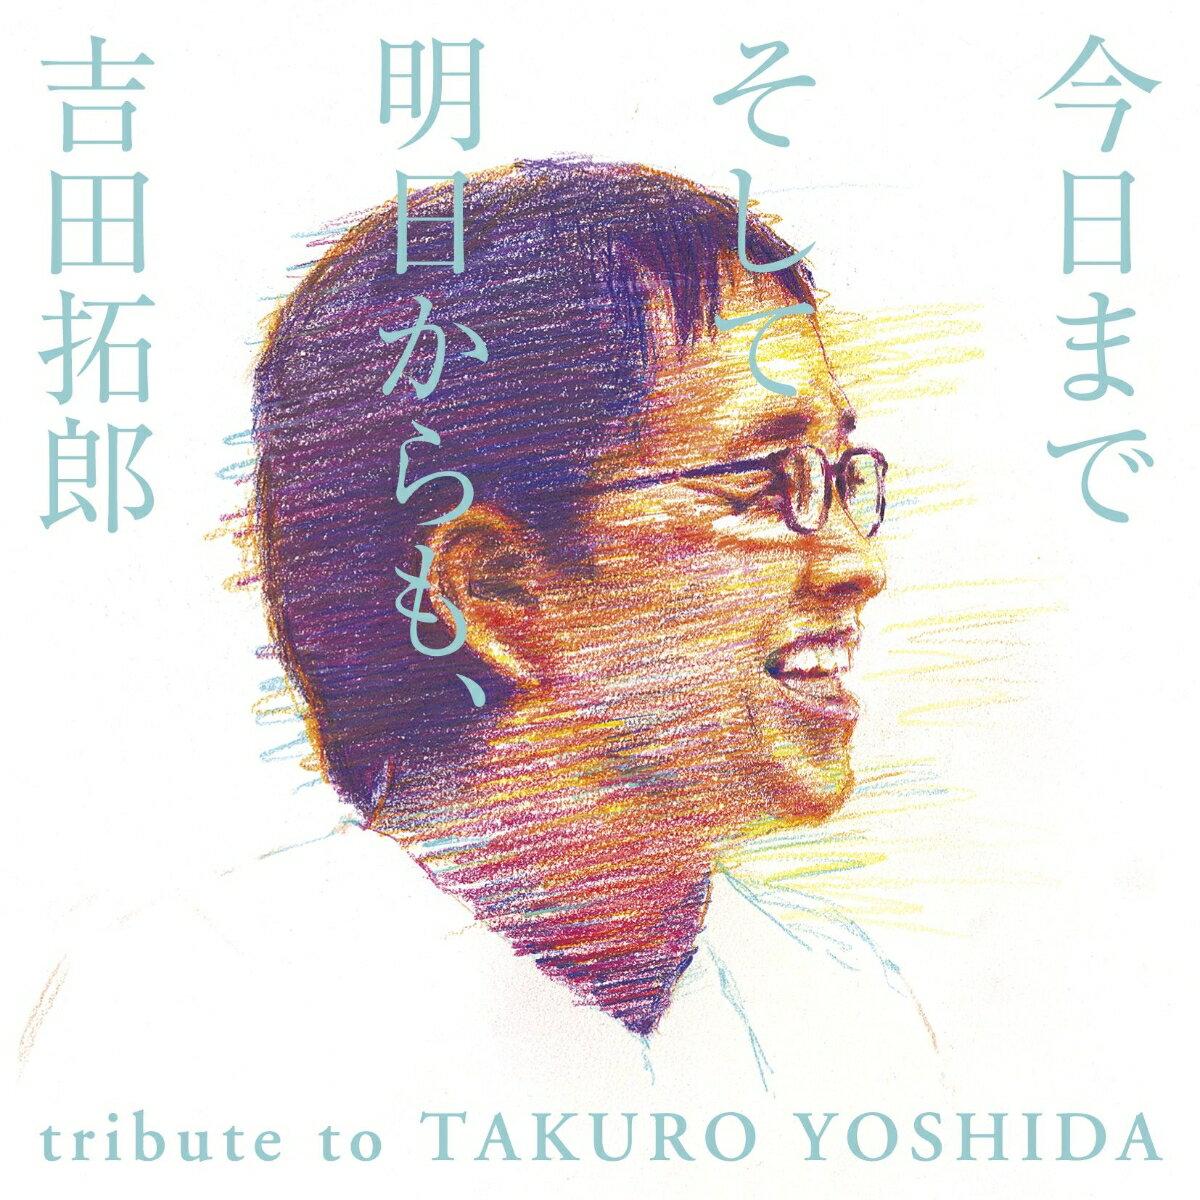 今日までそして明日からも、吉田拓郎 tribute to TAKURO YOSHIDA画像